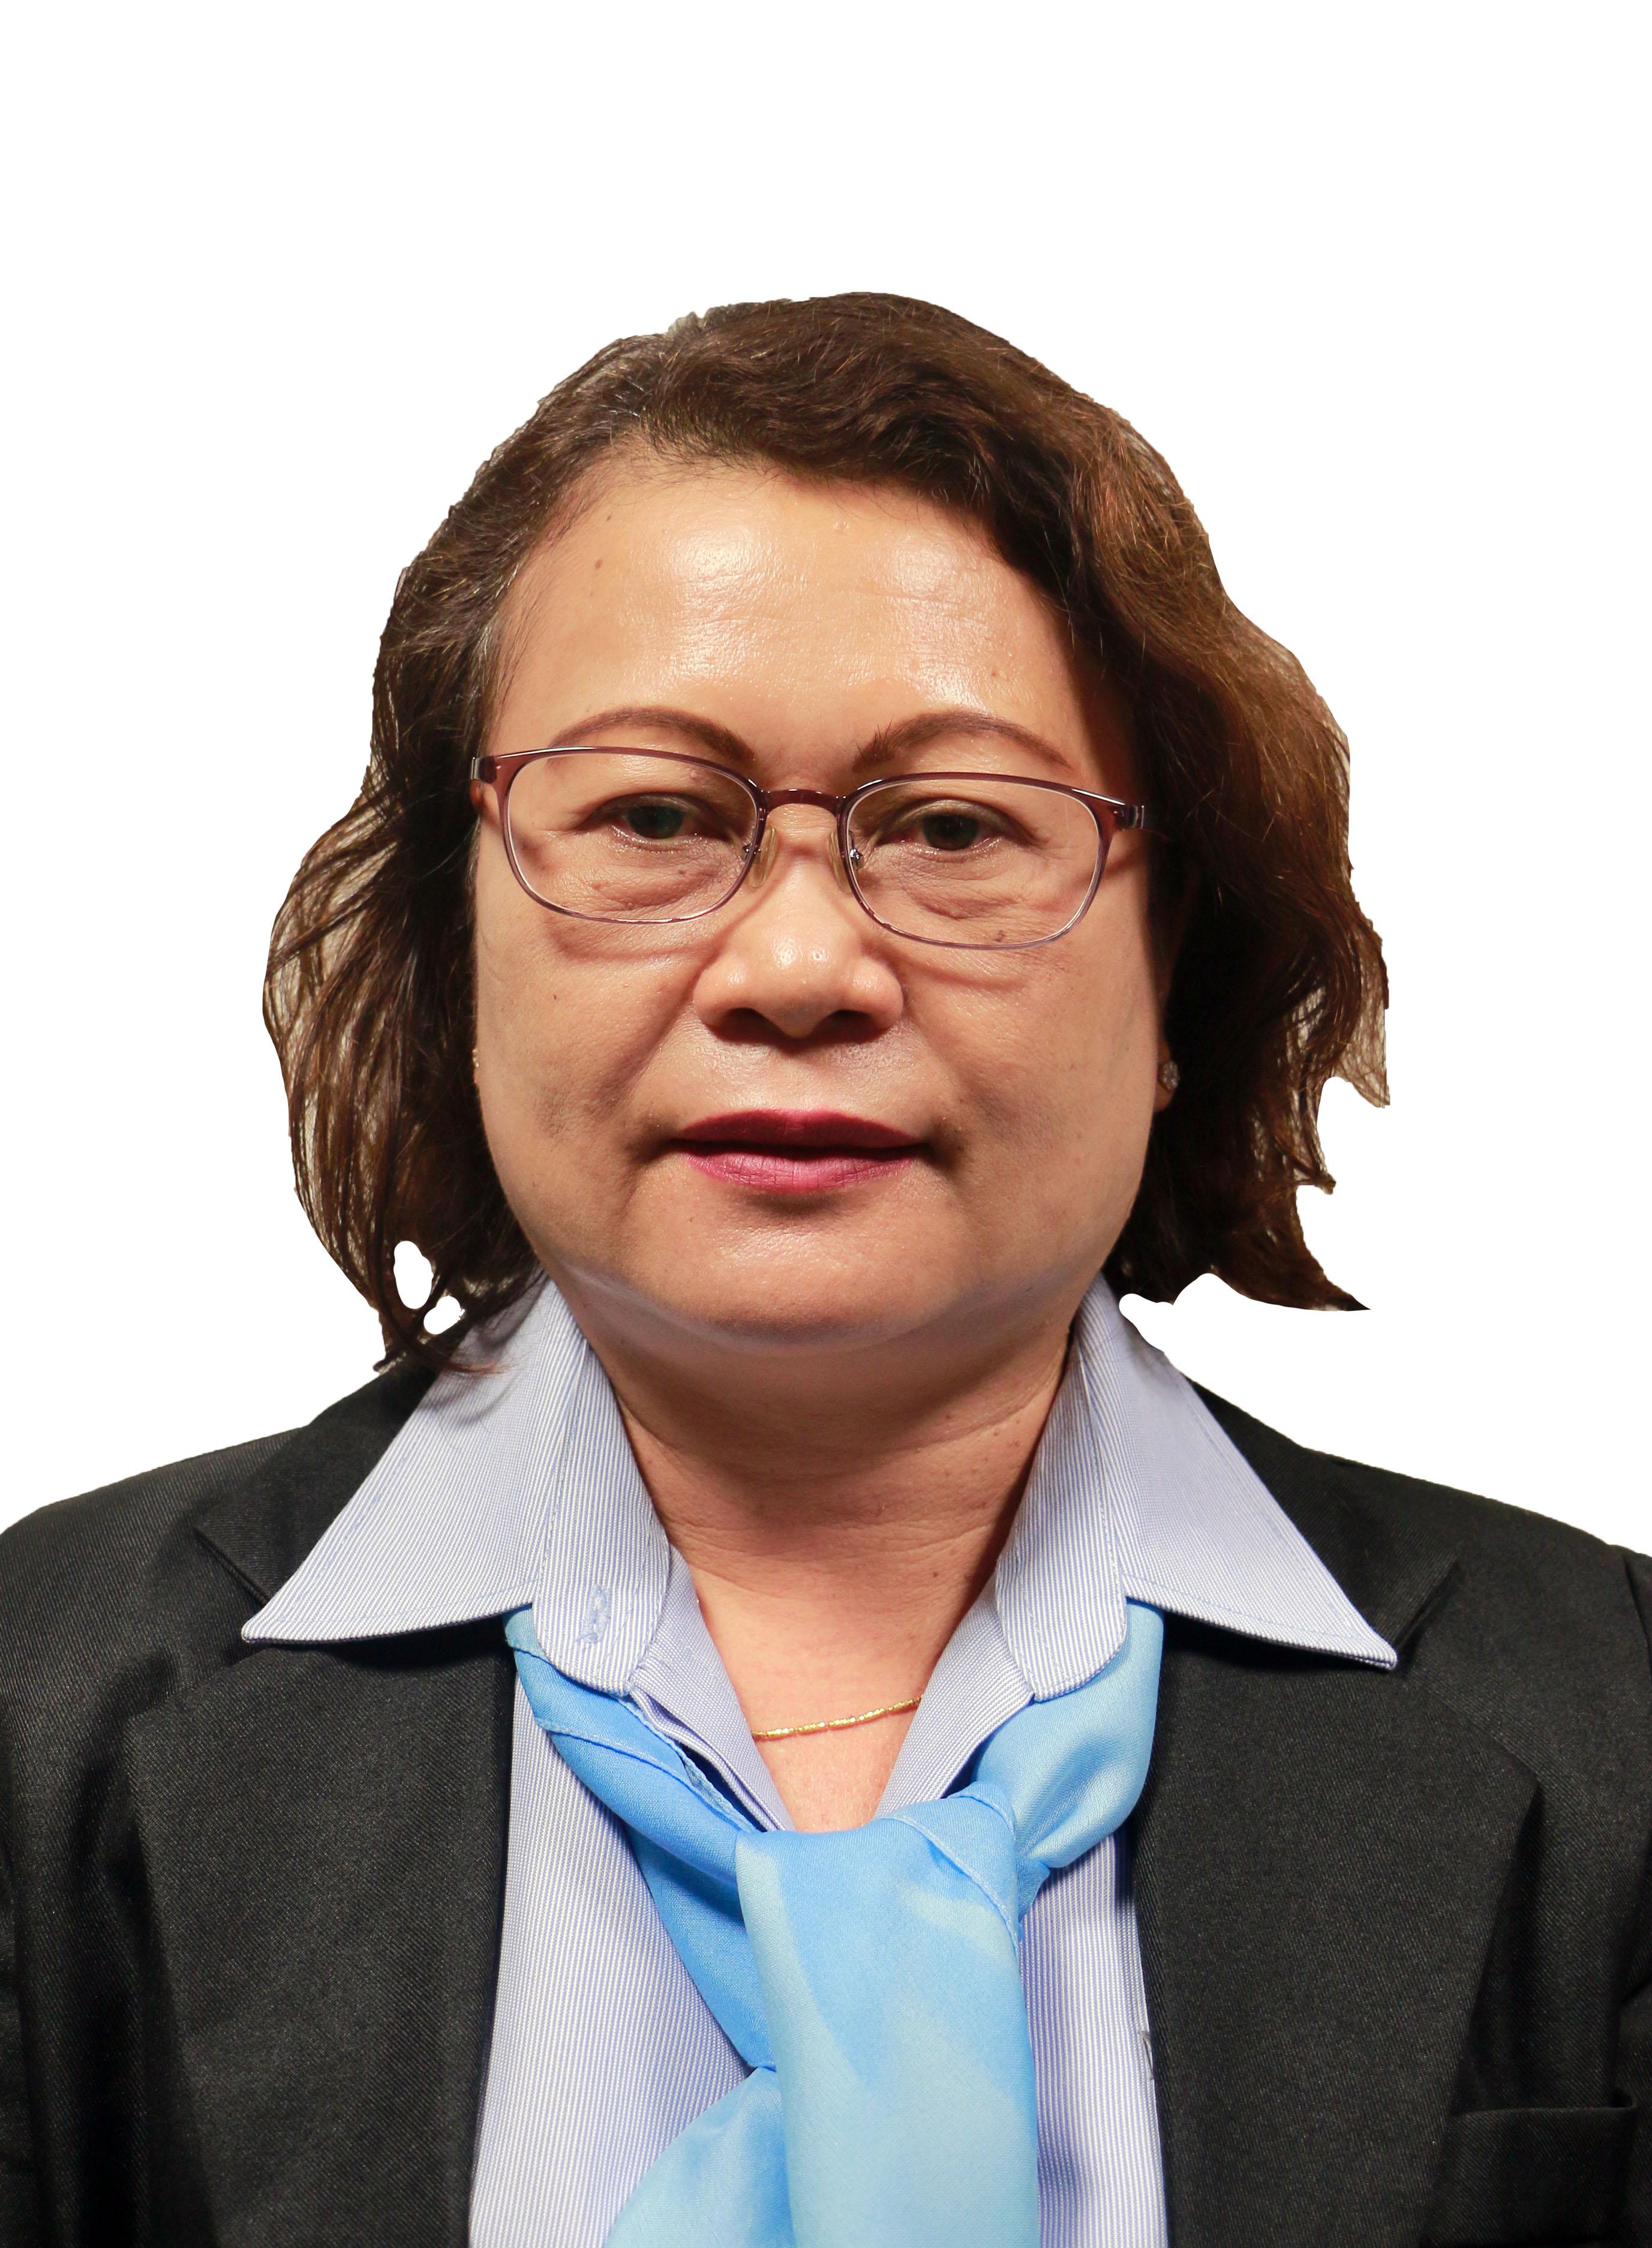 Pauline Kemping